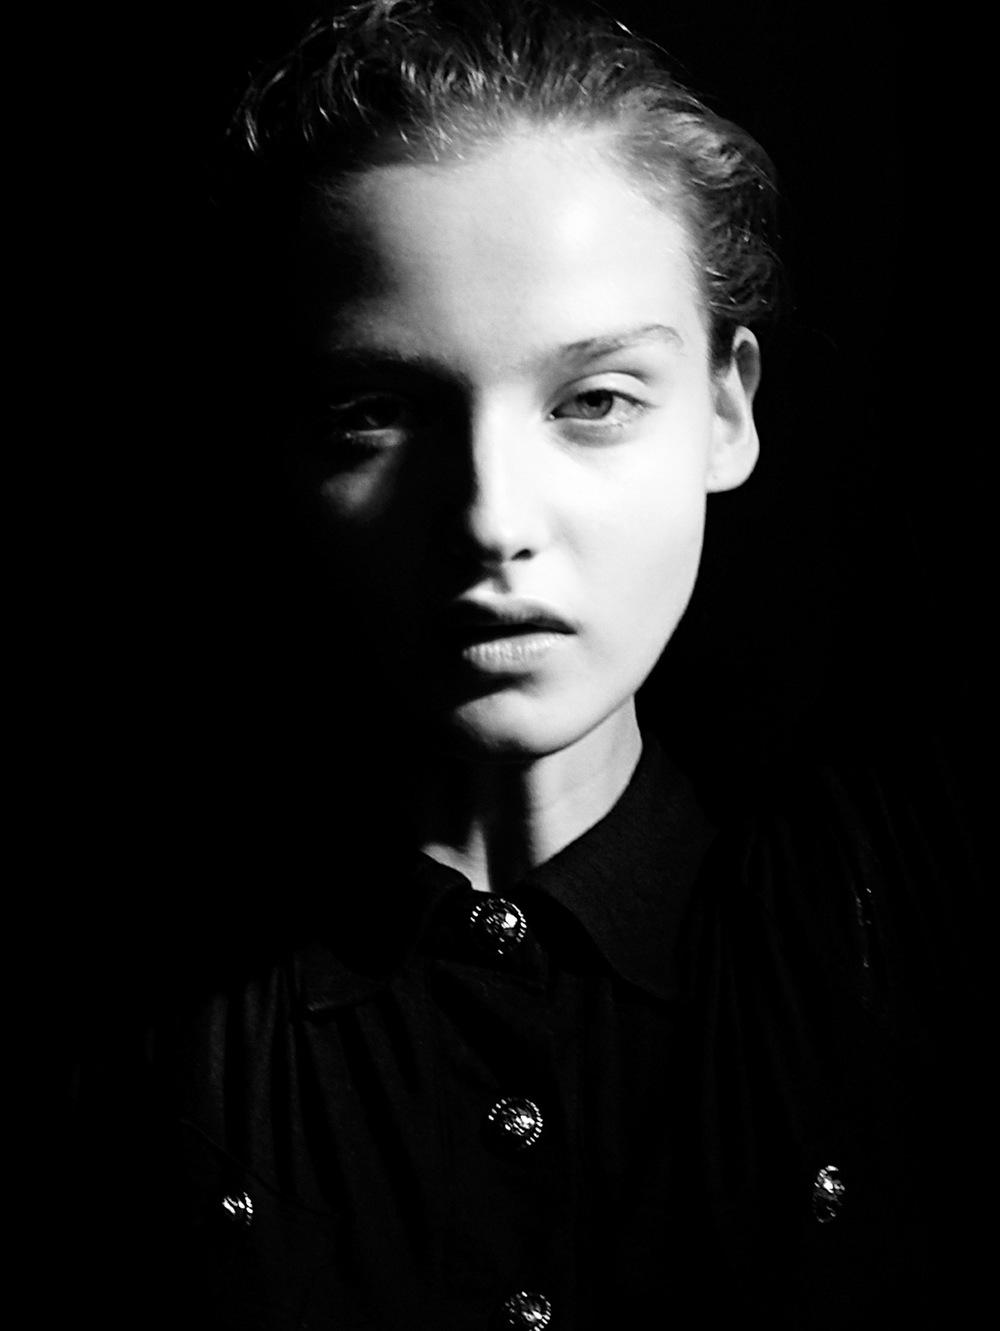 Amanda_Nørgaard-Eric_Guillemain-2.jpeg